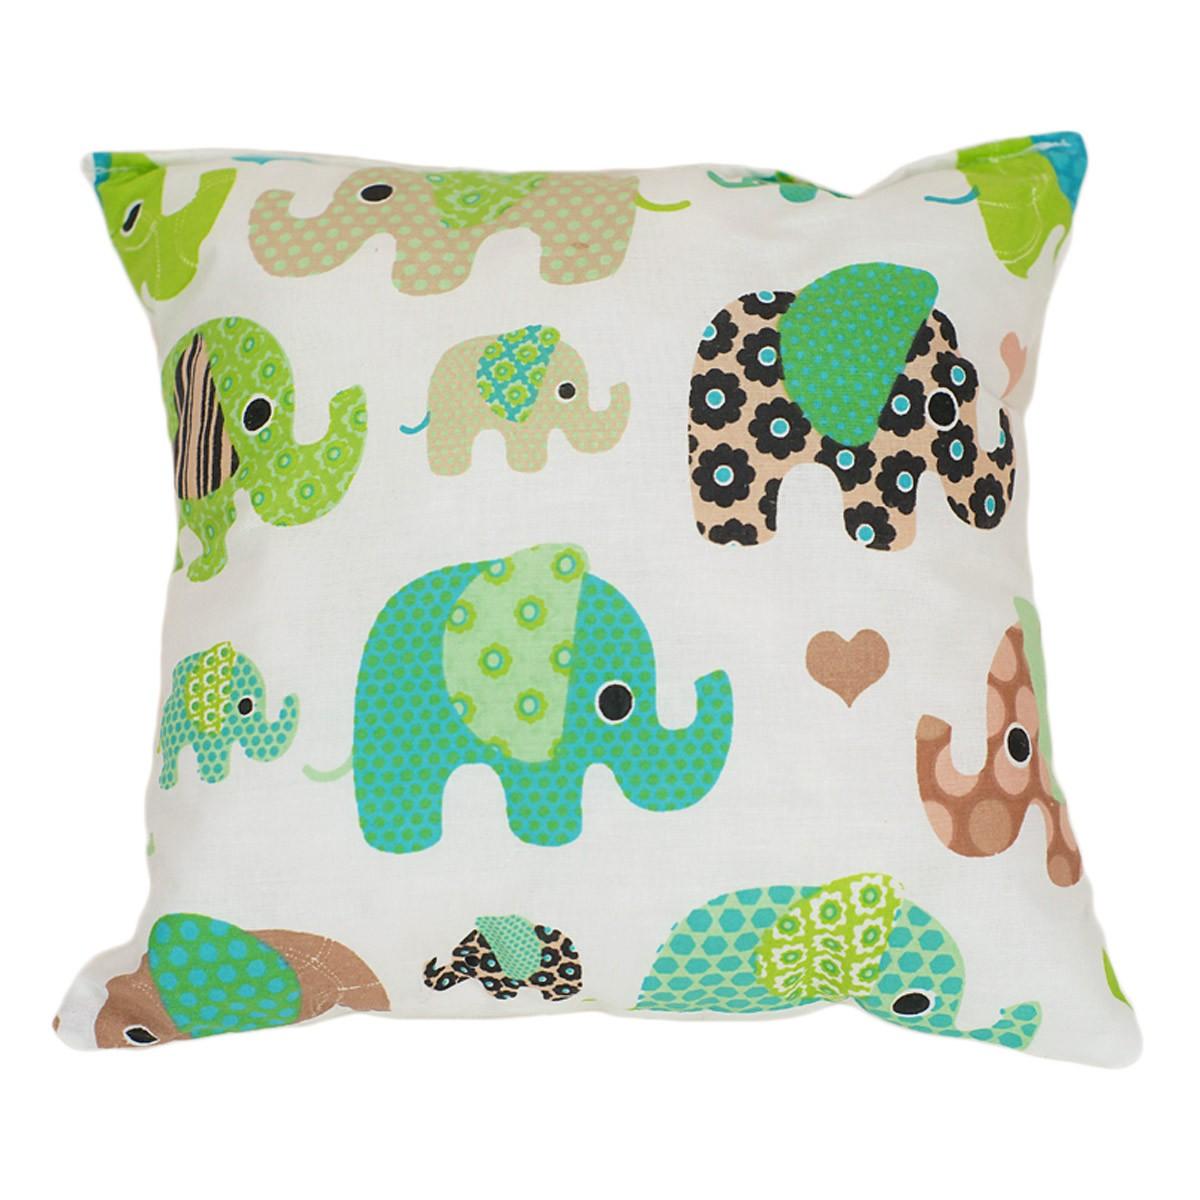 Διακοσμητικό Μαξιλάρι Ninna Nanna Elephant